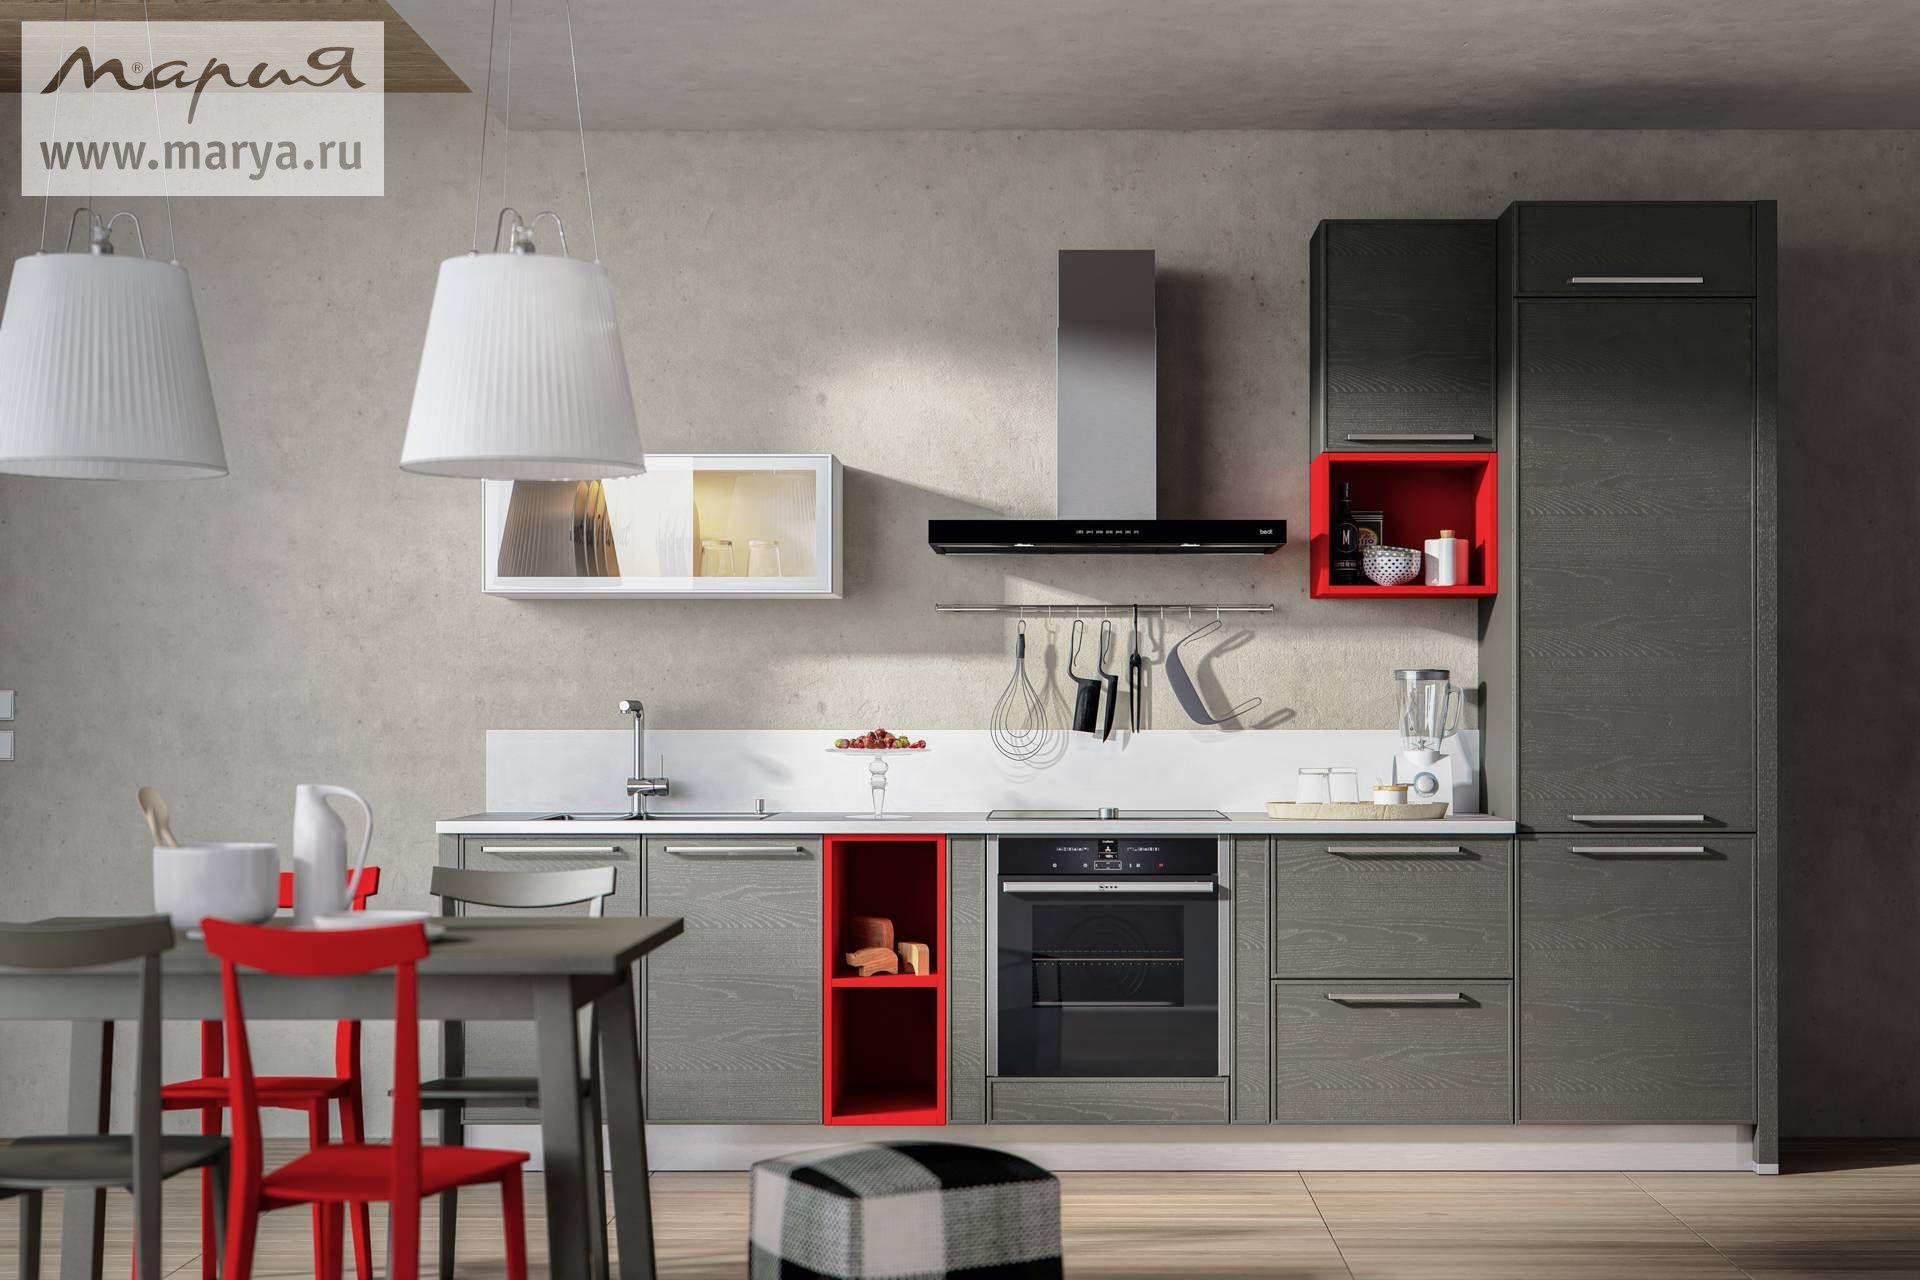 каталог кухонь купить мебель для кухни в москве цены фото